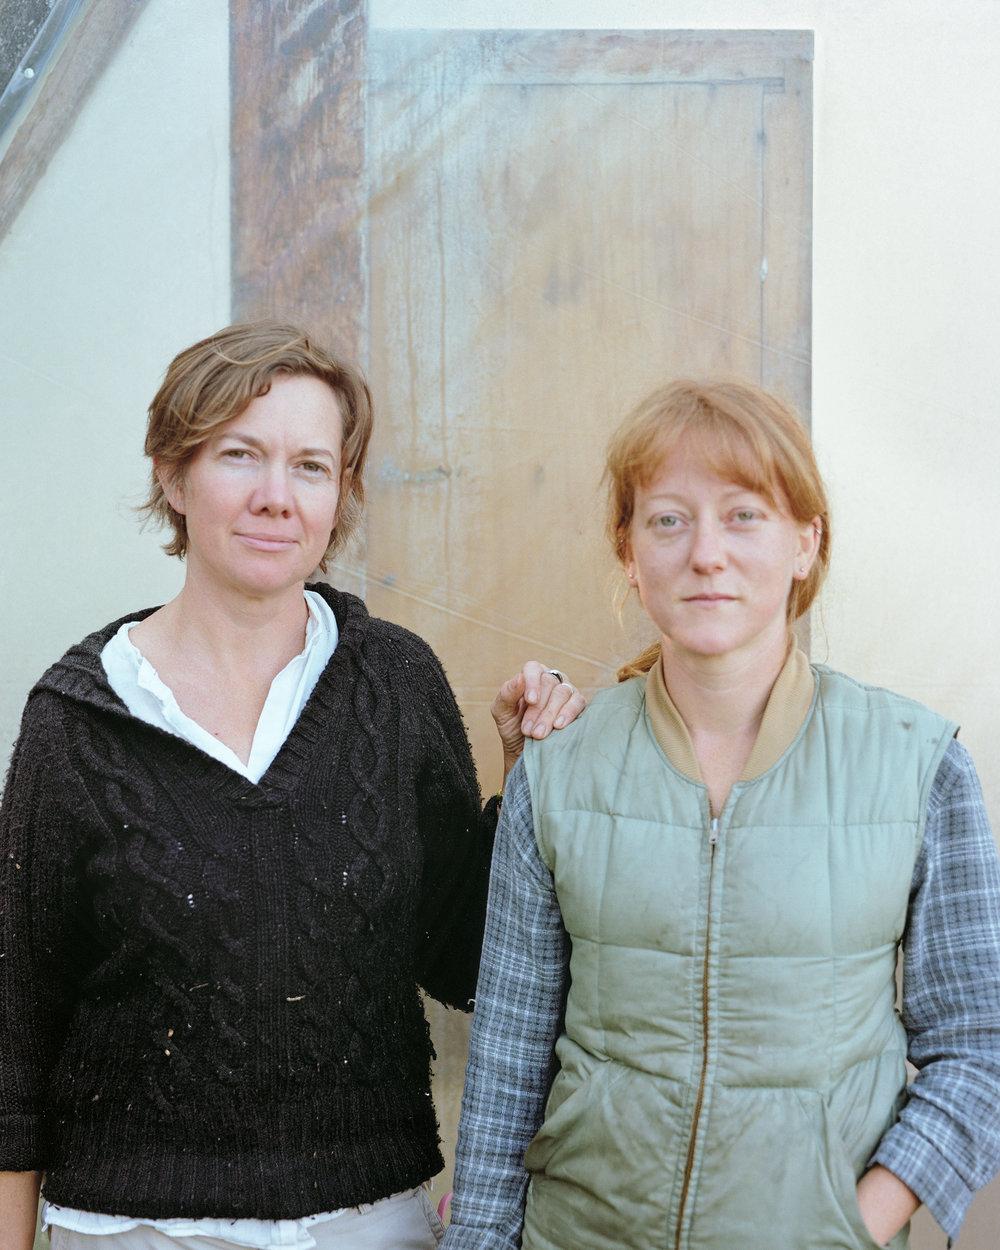 Portrait of Gwynn and Kim